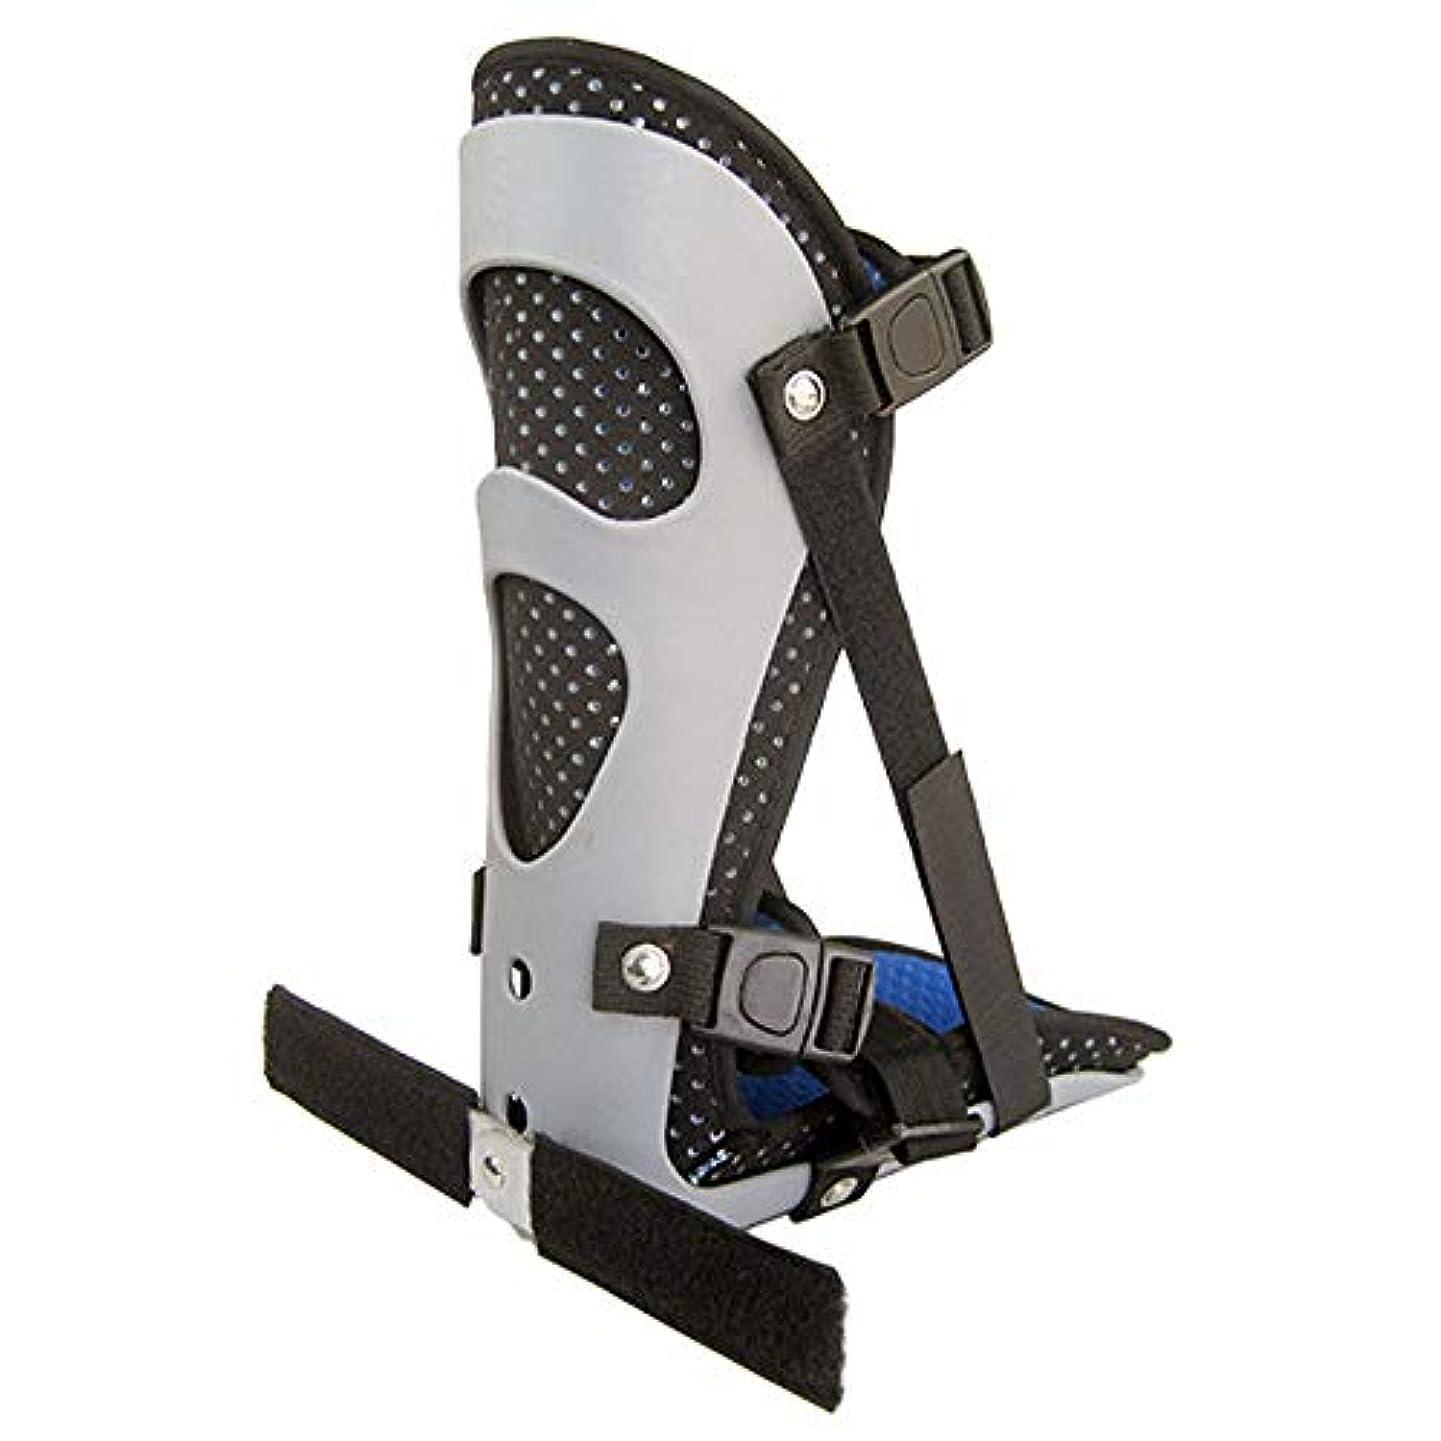 動開始顕現足首サポートブレース、フットドロップスプリントガード捻rain装具骨折応急処置のための足首ブレース足底筋膜炎かかとの痛み,M